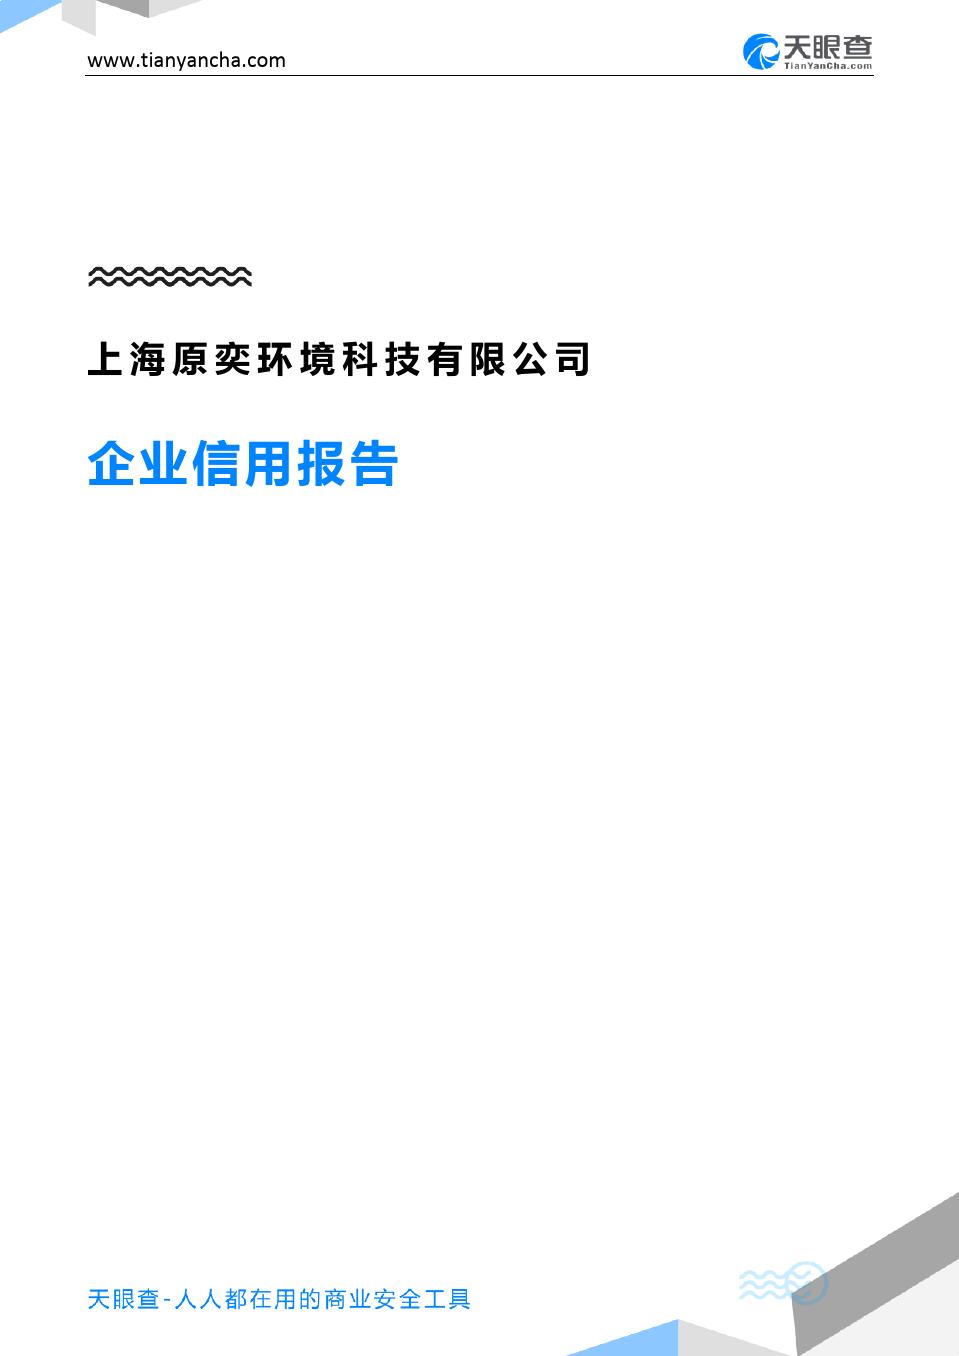 上海原奕环境科技有限公司(企业信用报告)- 天眼查